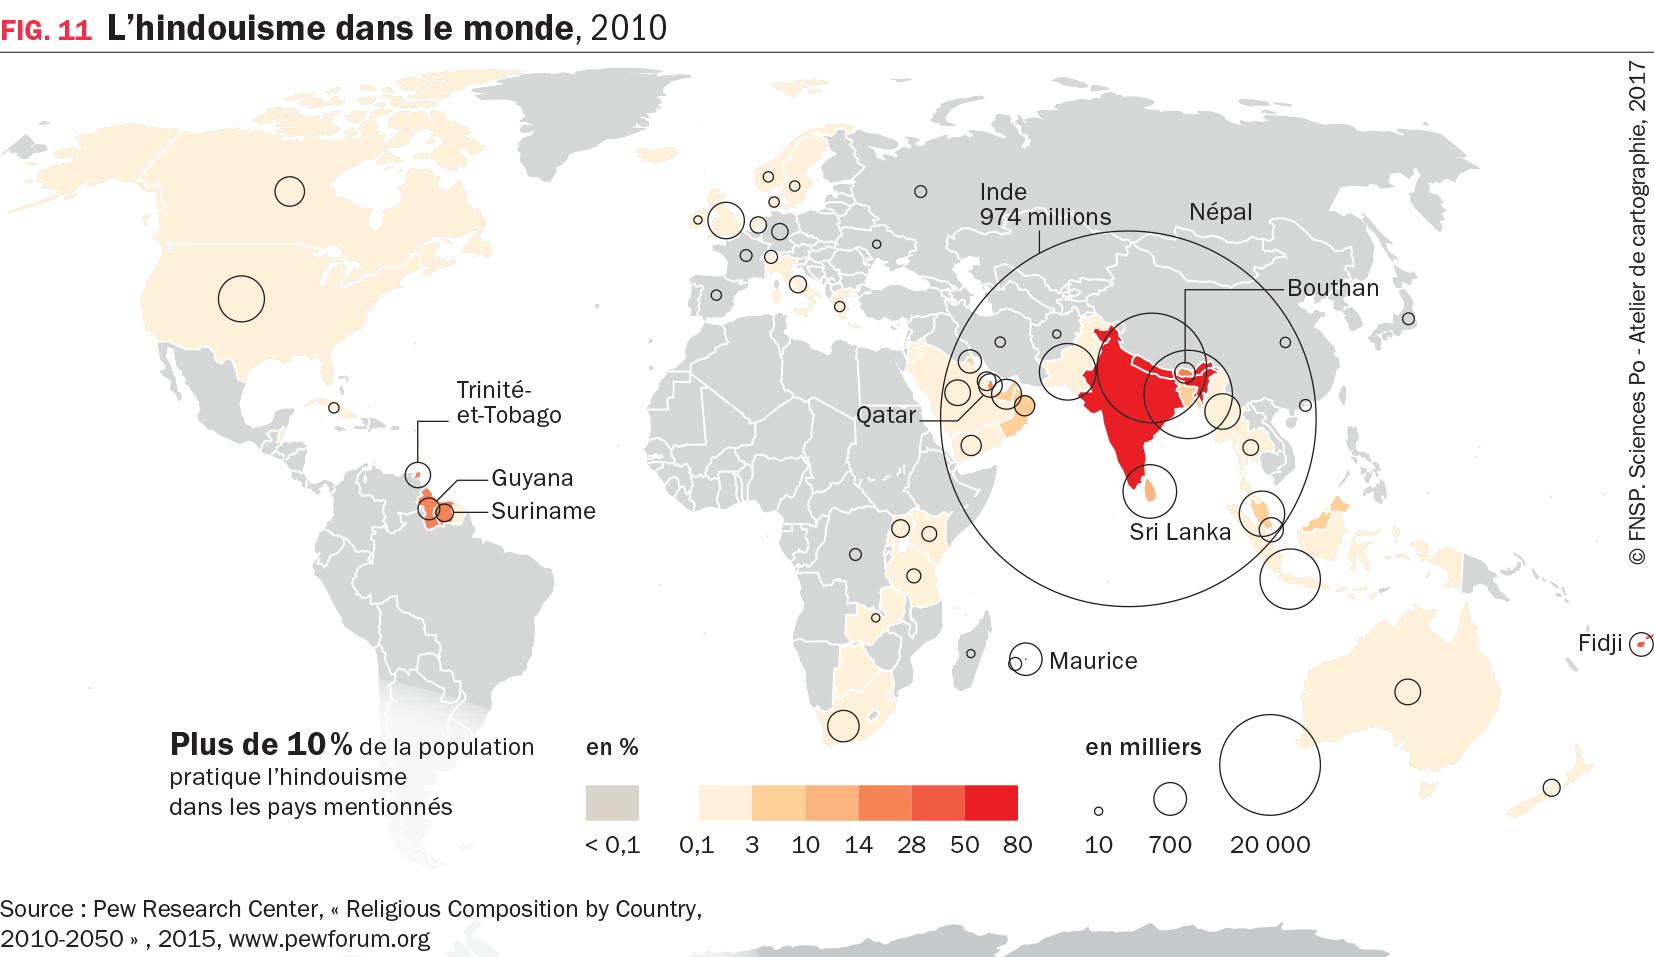 Carte : L'hindouisme dans le monde, 2010